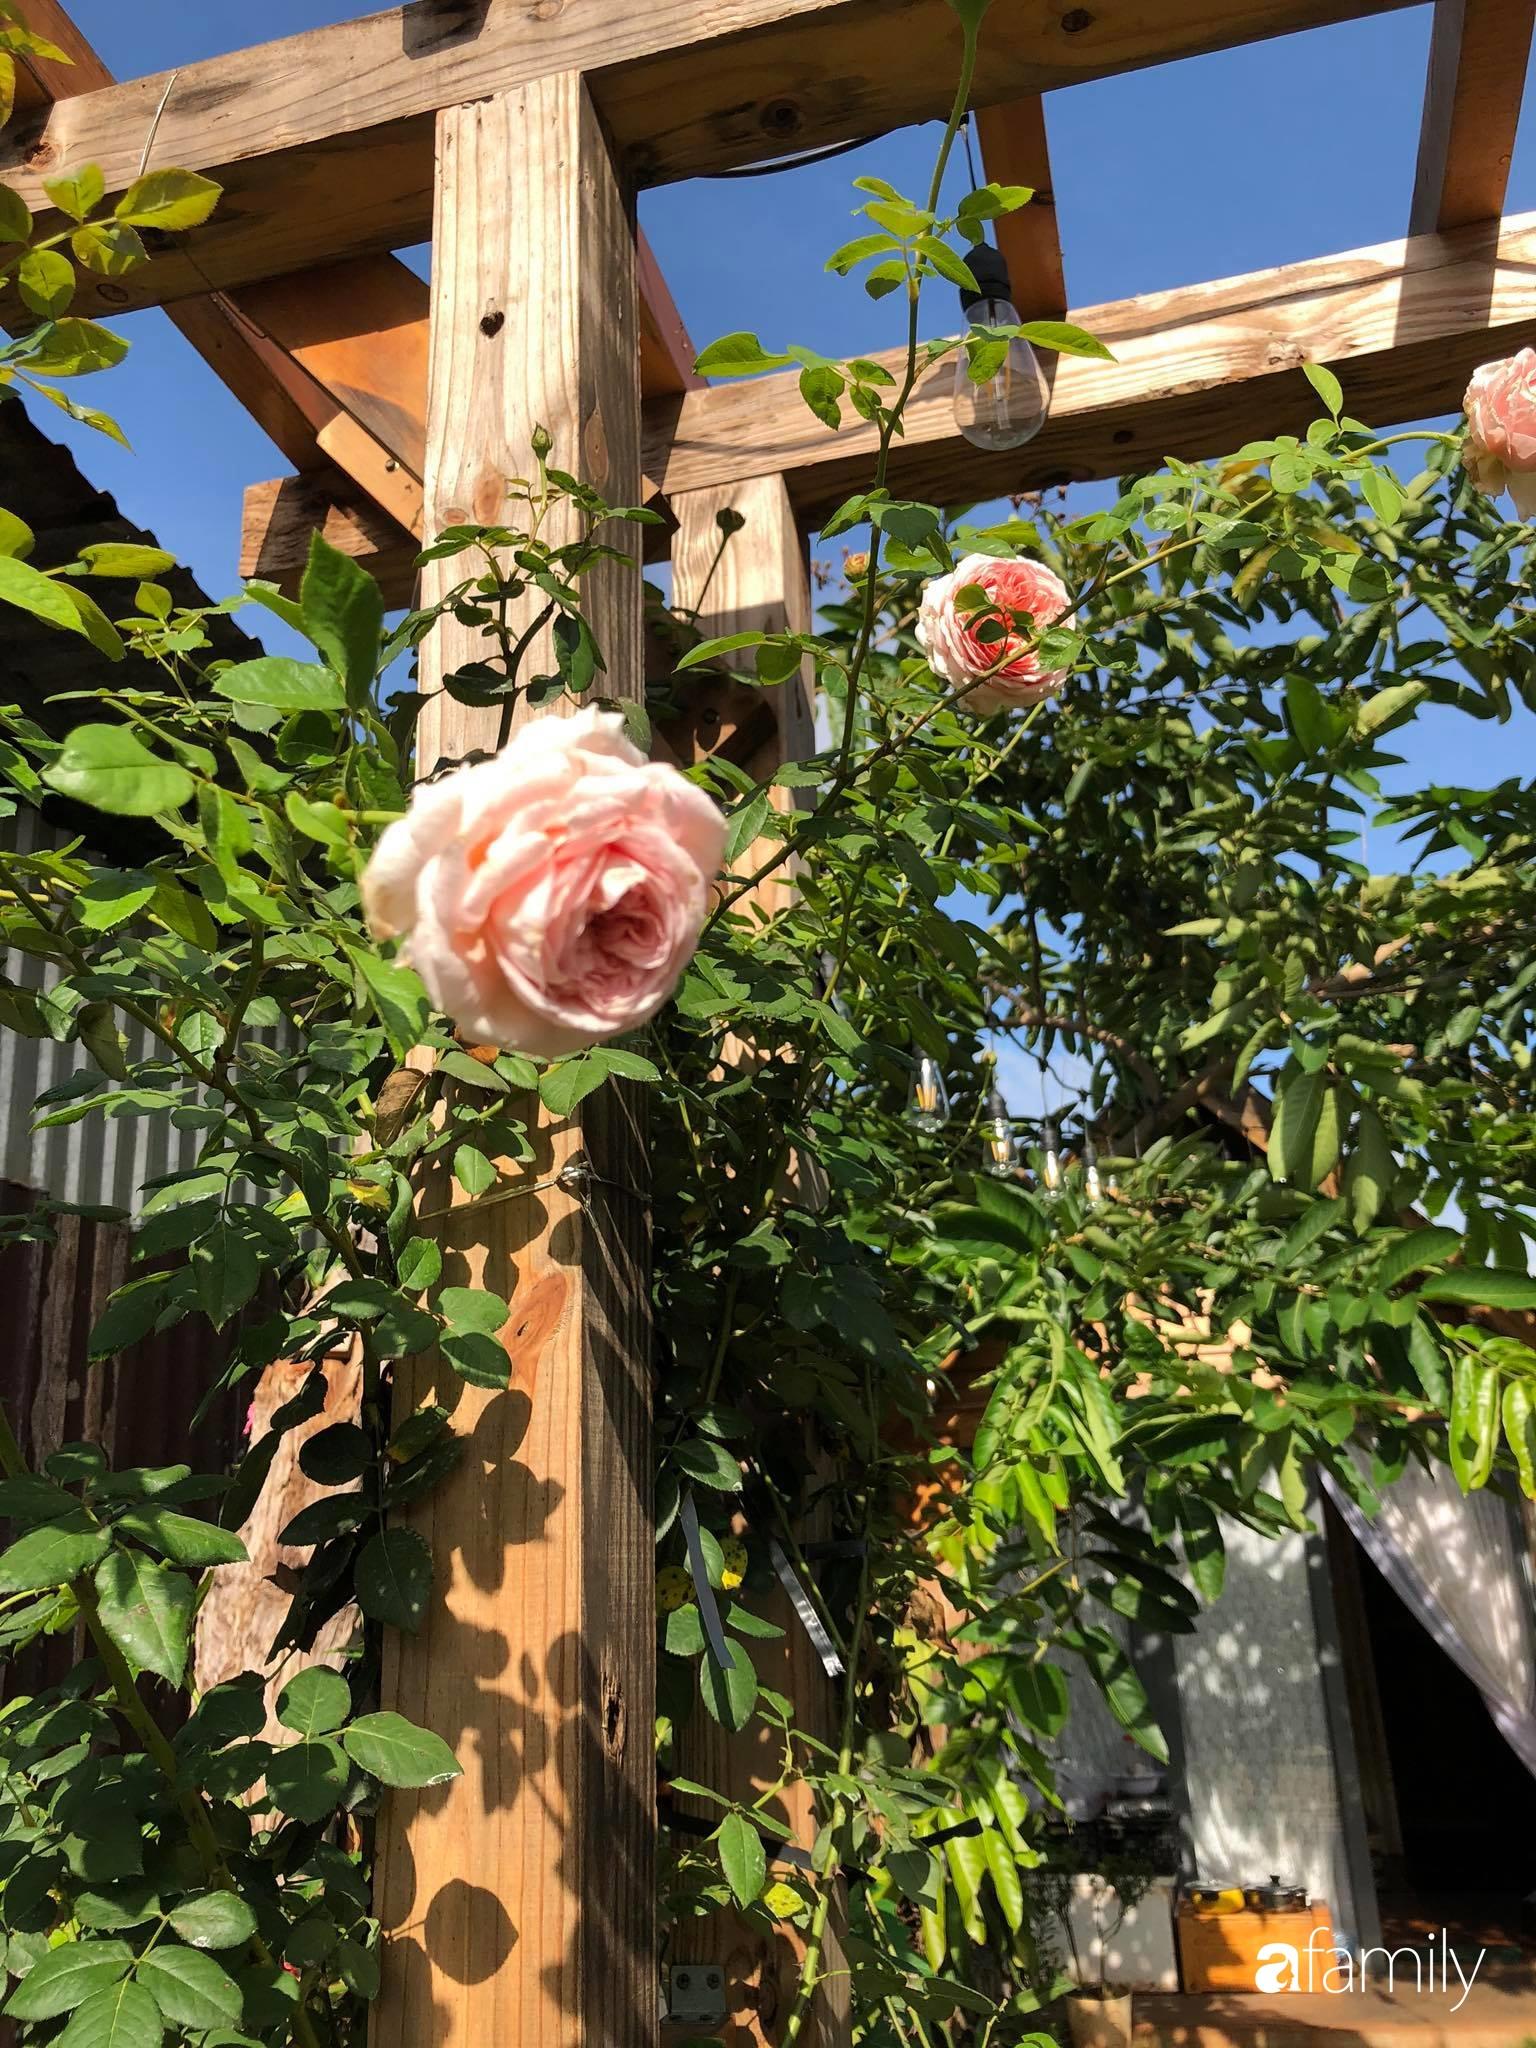 Khu vườn hoa hồng đẹp như cổ tích mà người chồng ngày đêm chăm sóc để tặng vợ con ở Vũng Tàu-34